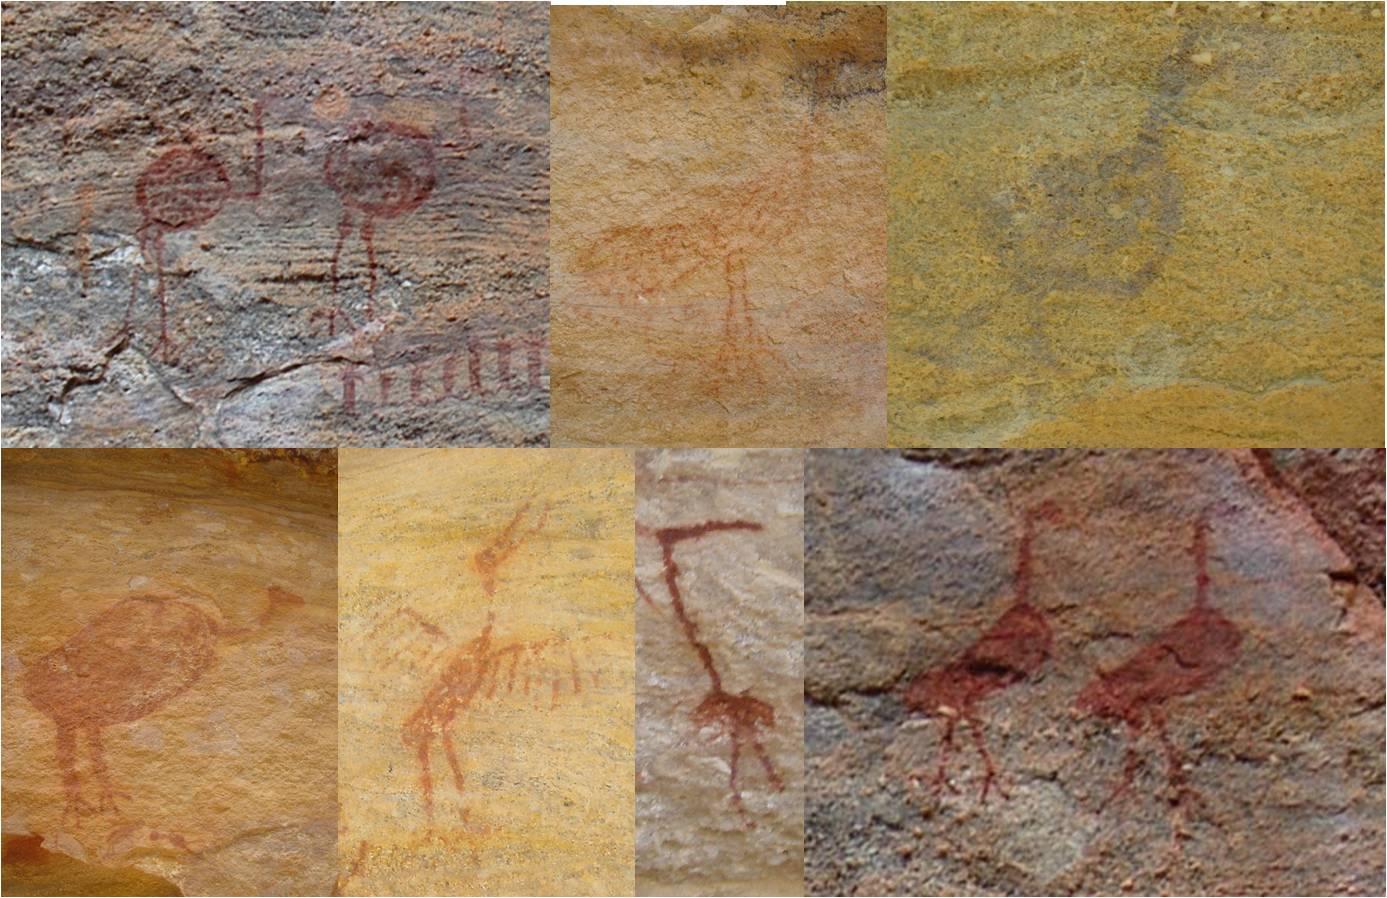 Figure 1 - De gauche à droite en haut : Nandou – Toca do Caldeirao do Rodriguez II ; Jacu – Toca do Paraguaio ; Tinamou ? – Toca das Quincas ; en bas : Urubu – Toca do Entrada do Baixo da Vaca ; Jabiru – Toca do Paraguaio ; Toca do Caldeirao das Canoas ; échassiers, Seriema ? – Toca do Caldeirao do Rodriguez II © P. Binant